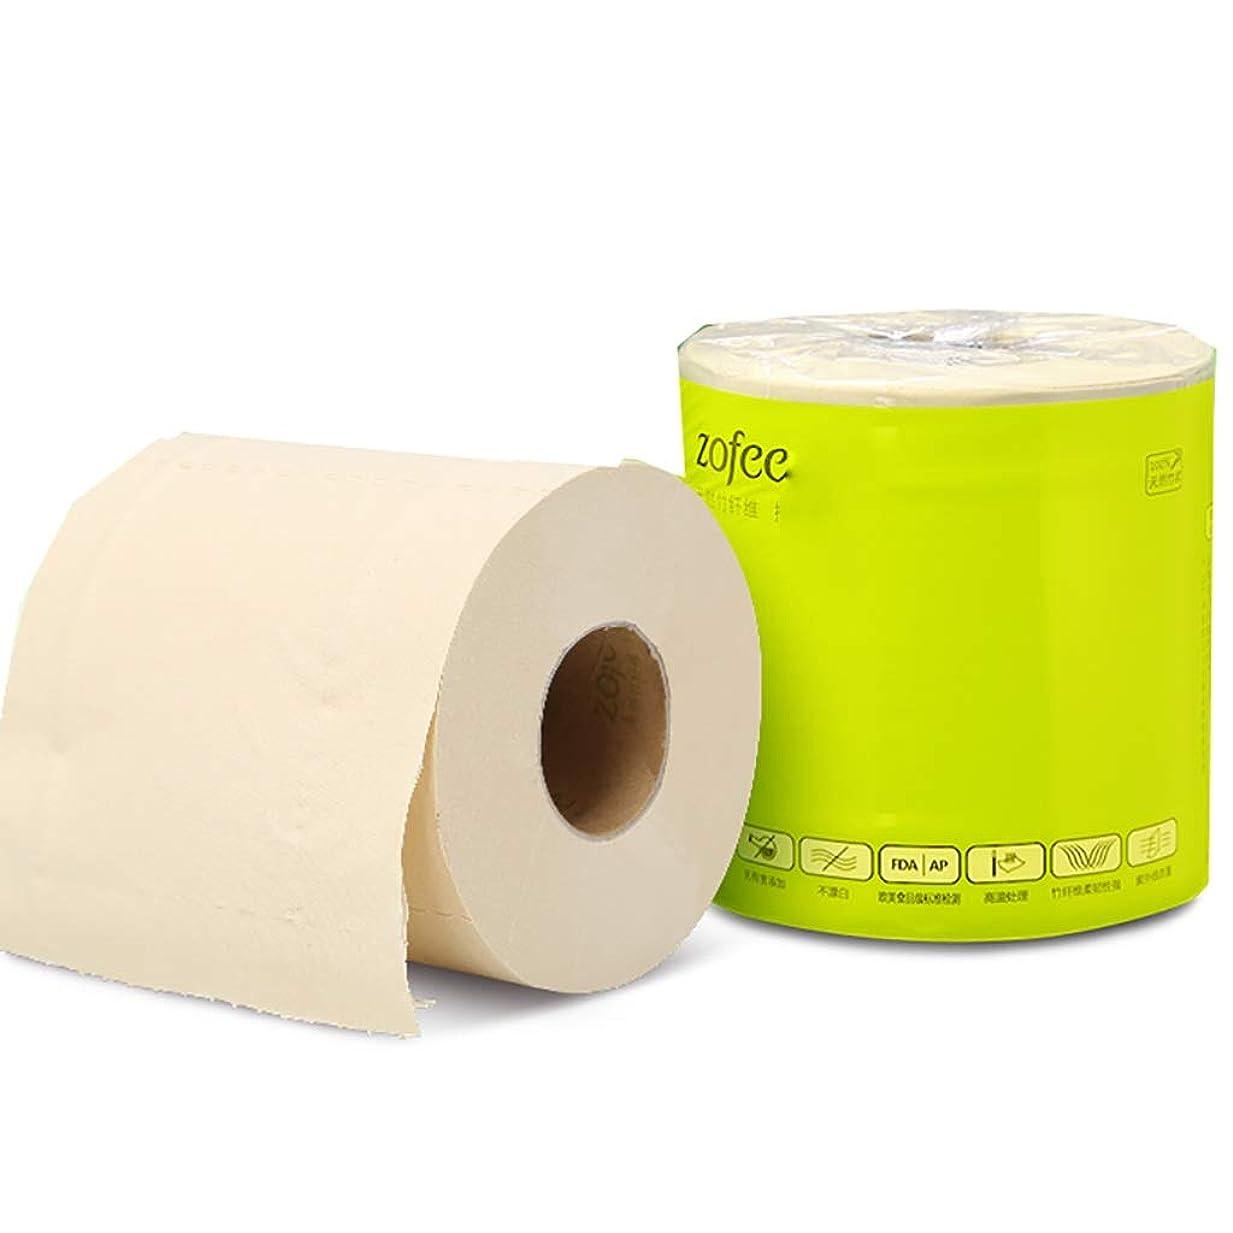 タール請願者付き添い人家庭用経済トイレットペーパー - 無香料竹繊維、3層、27ロール